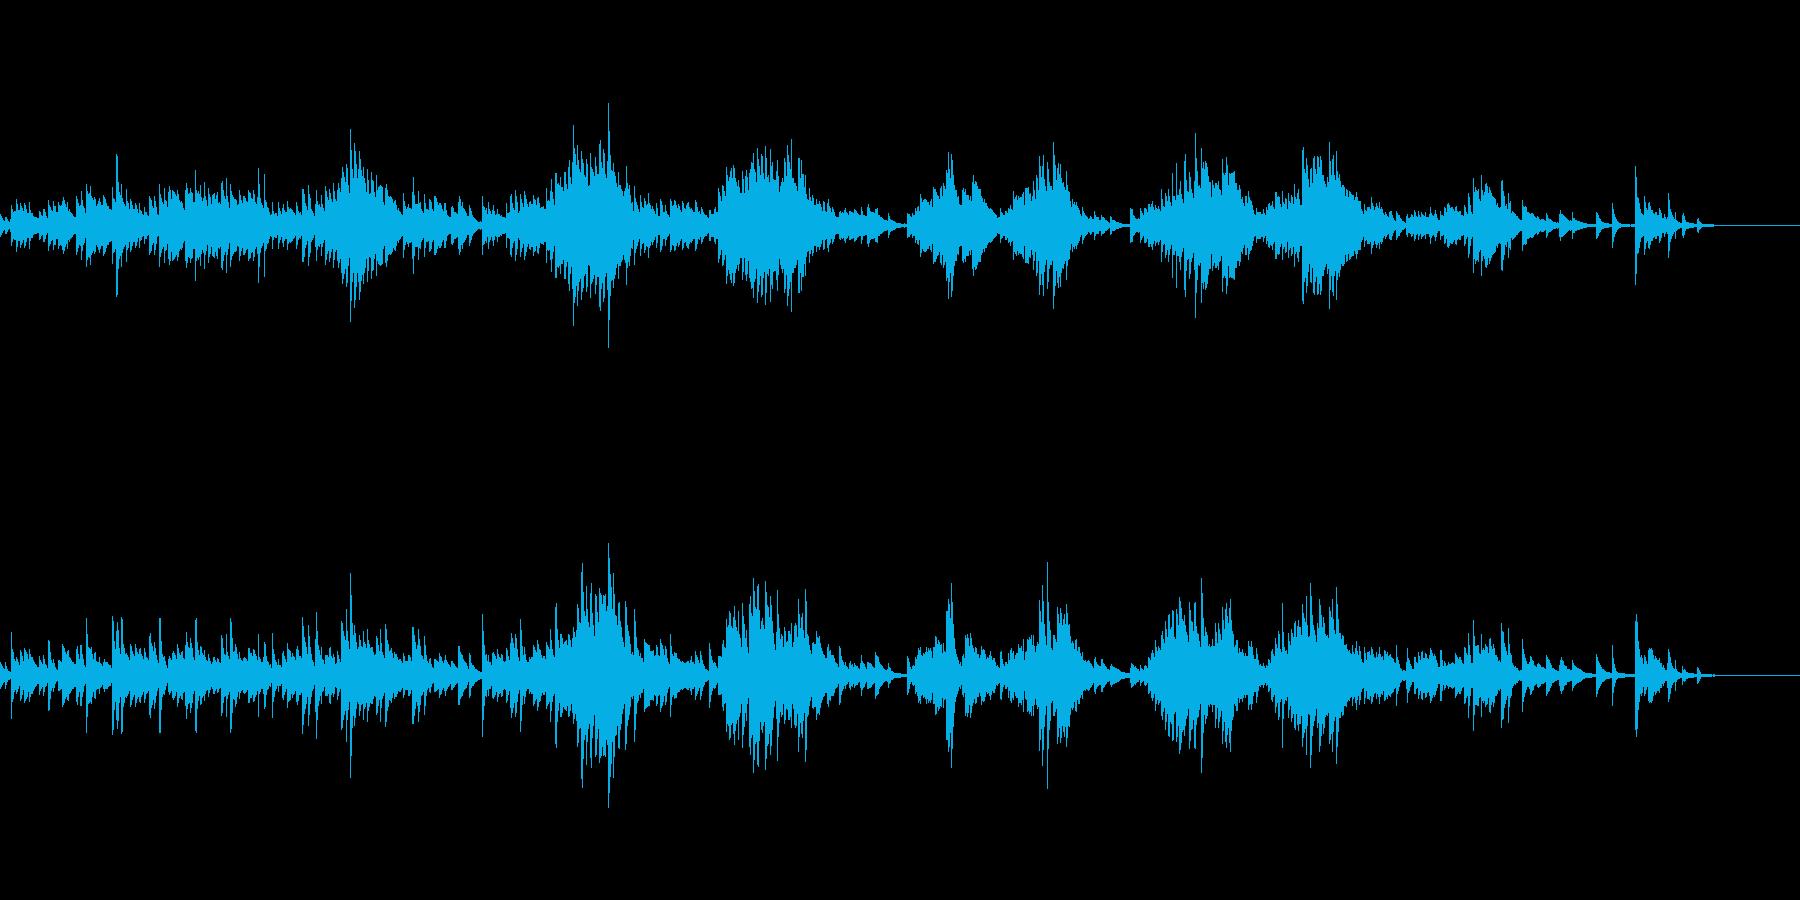 一つのモチーフに異なるハーモニーピアノ曲の再生済みの波形